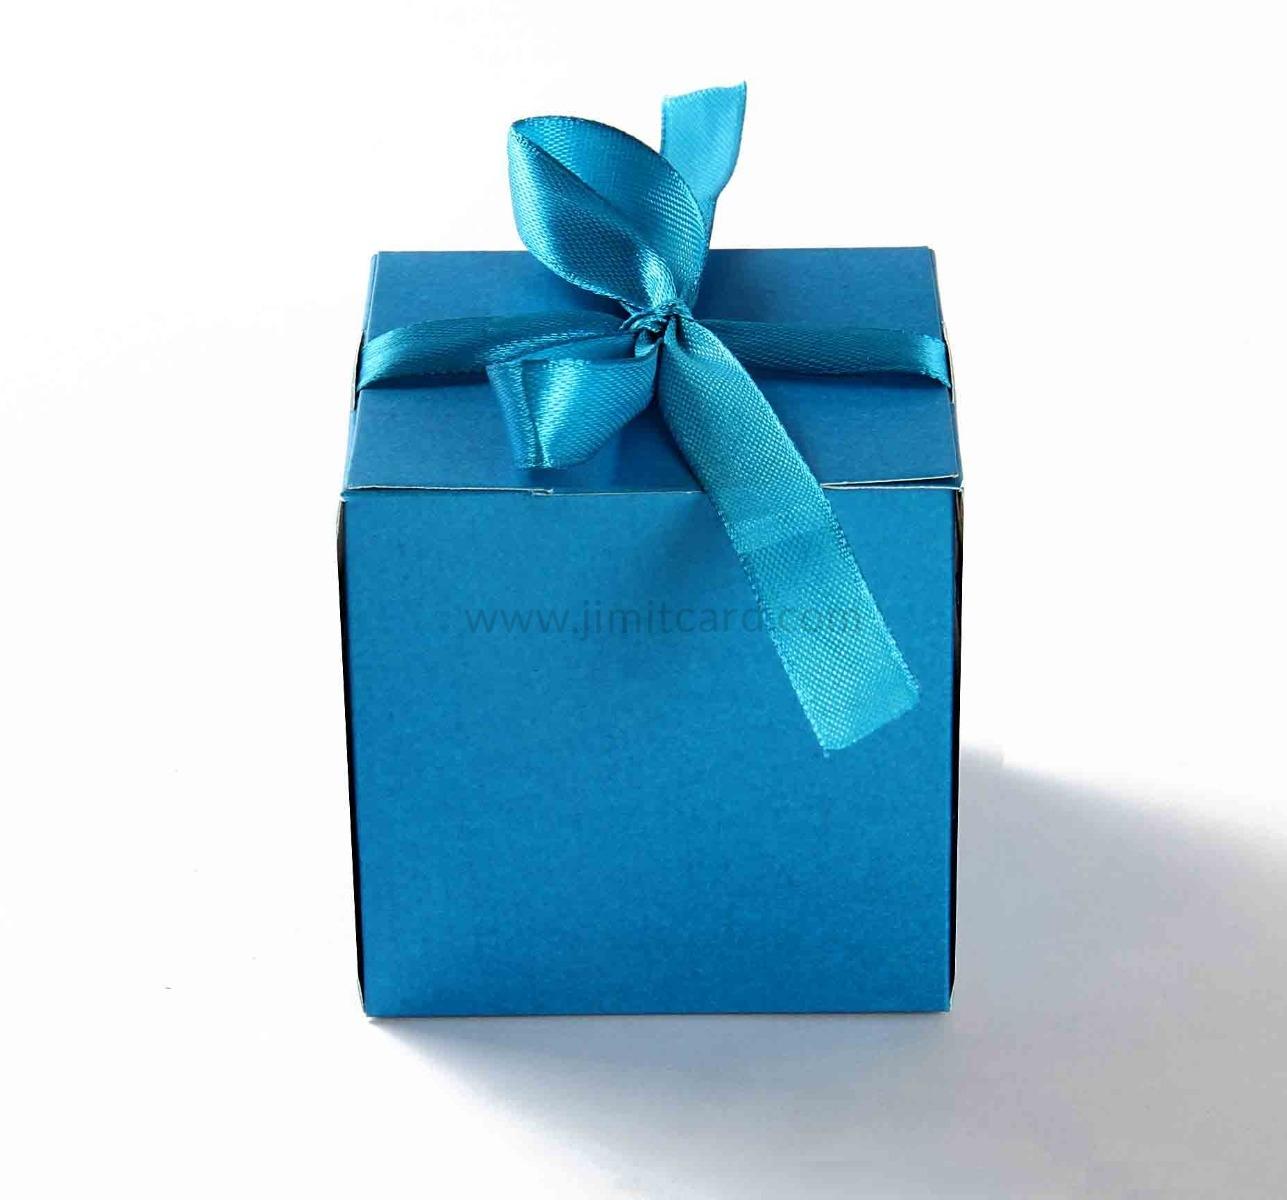 Bow Top Cube Favor Box No 5 - Firoze Blue-8535